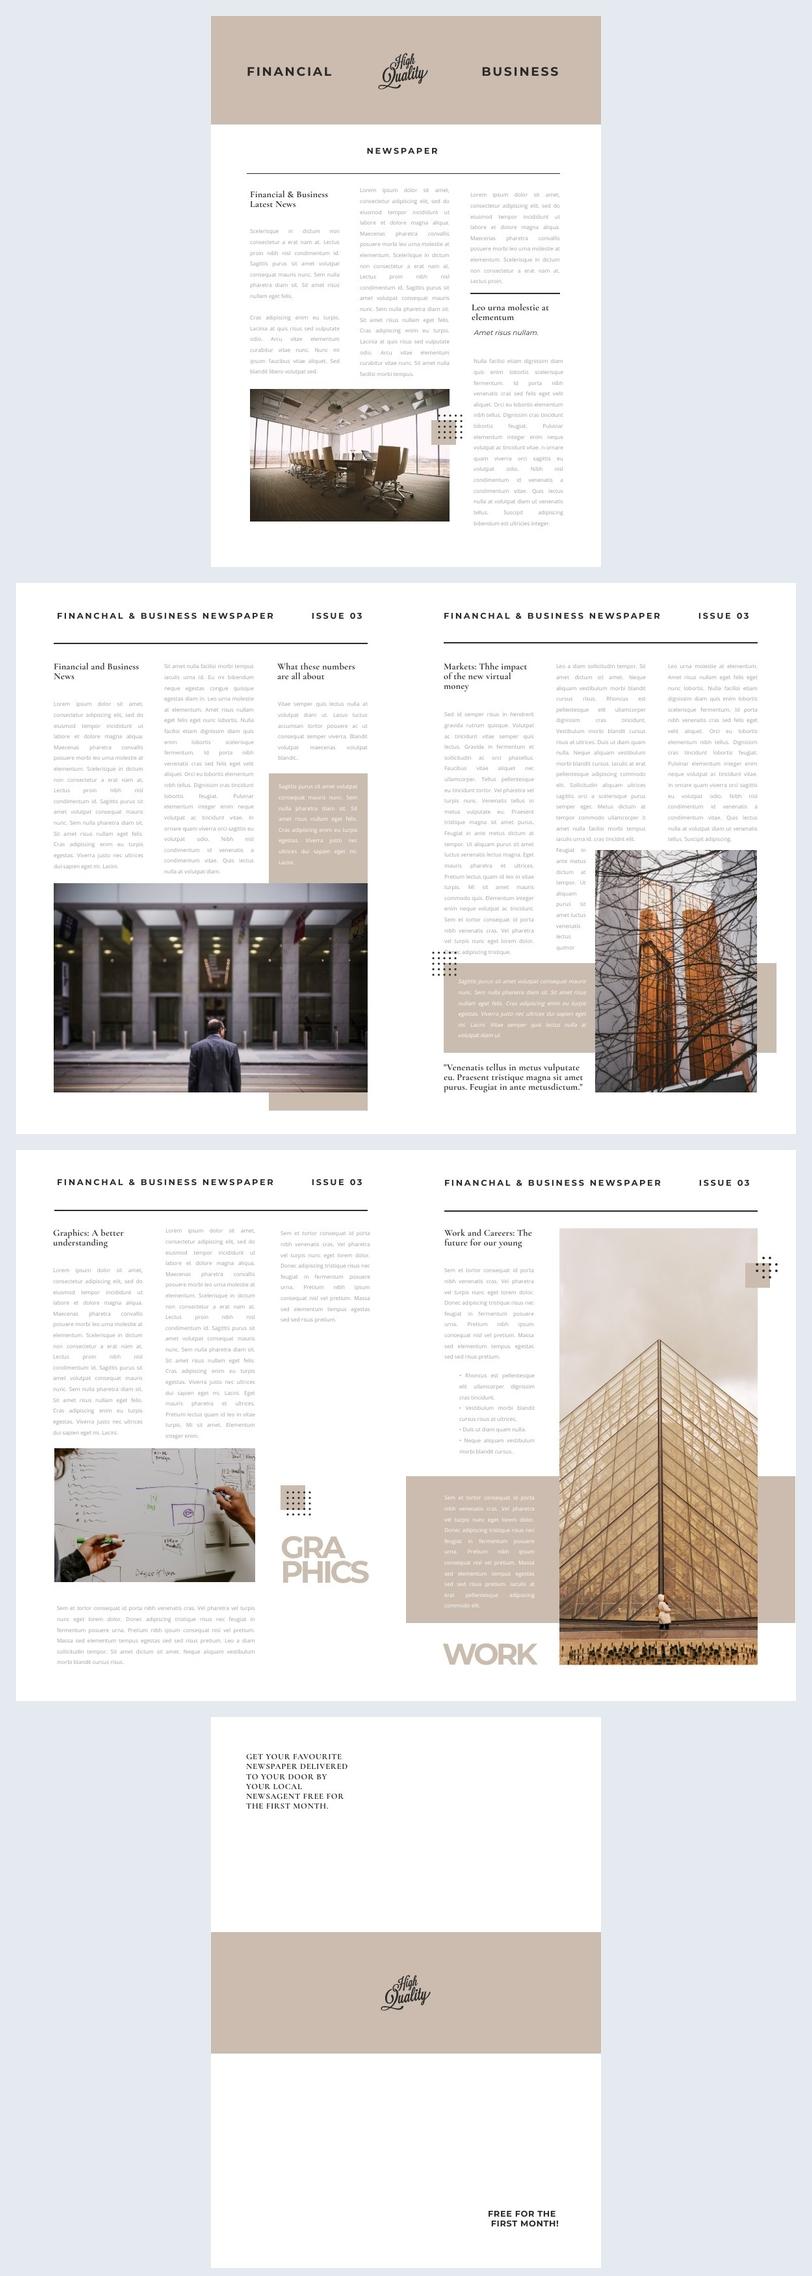 Exemplo de Design de Jornal para Impressão